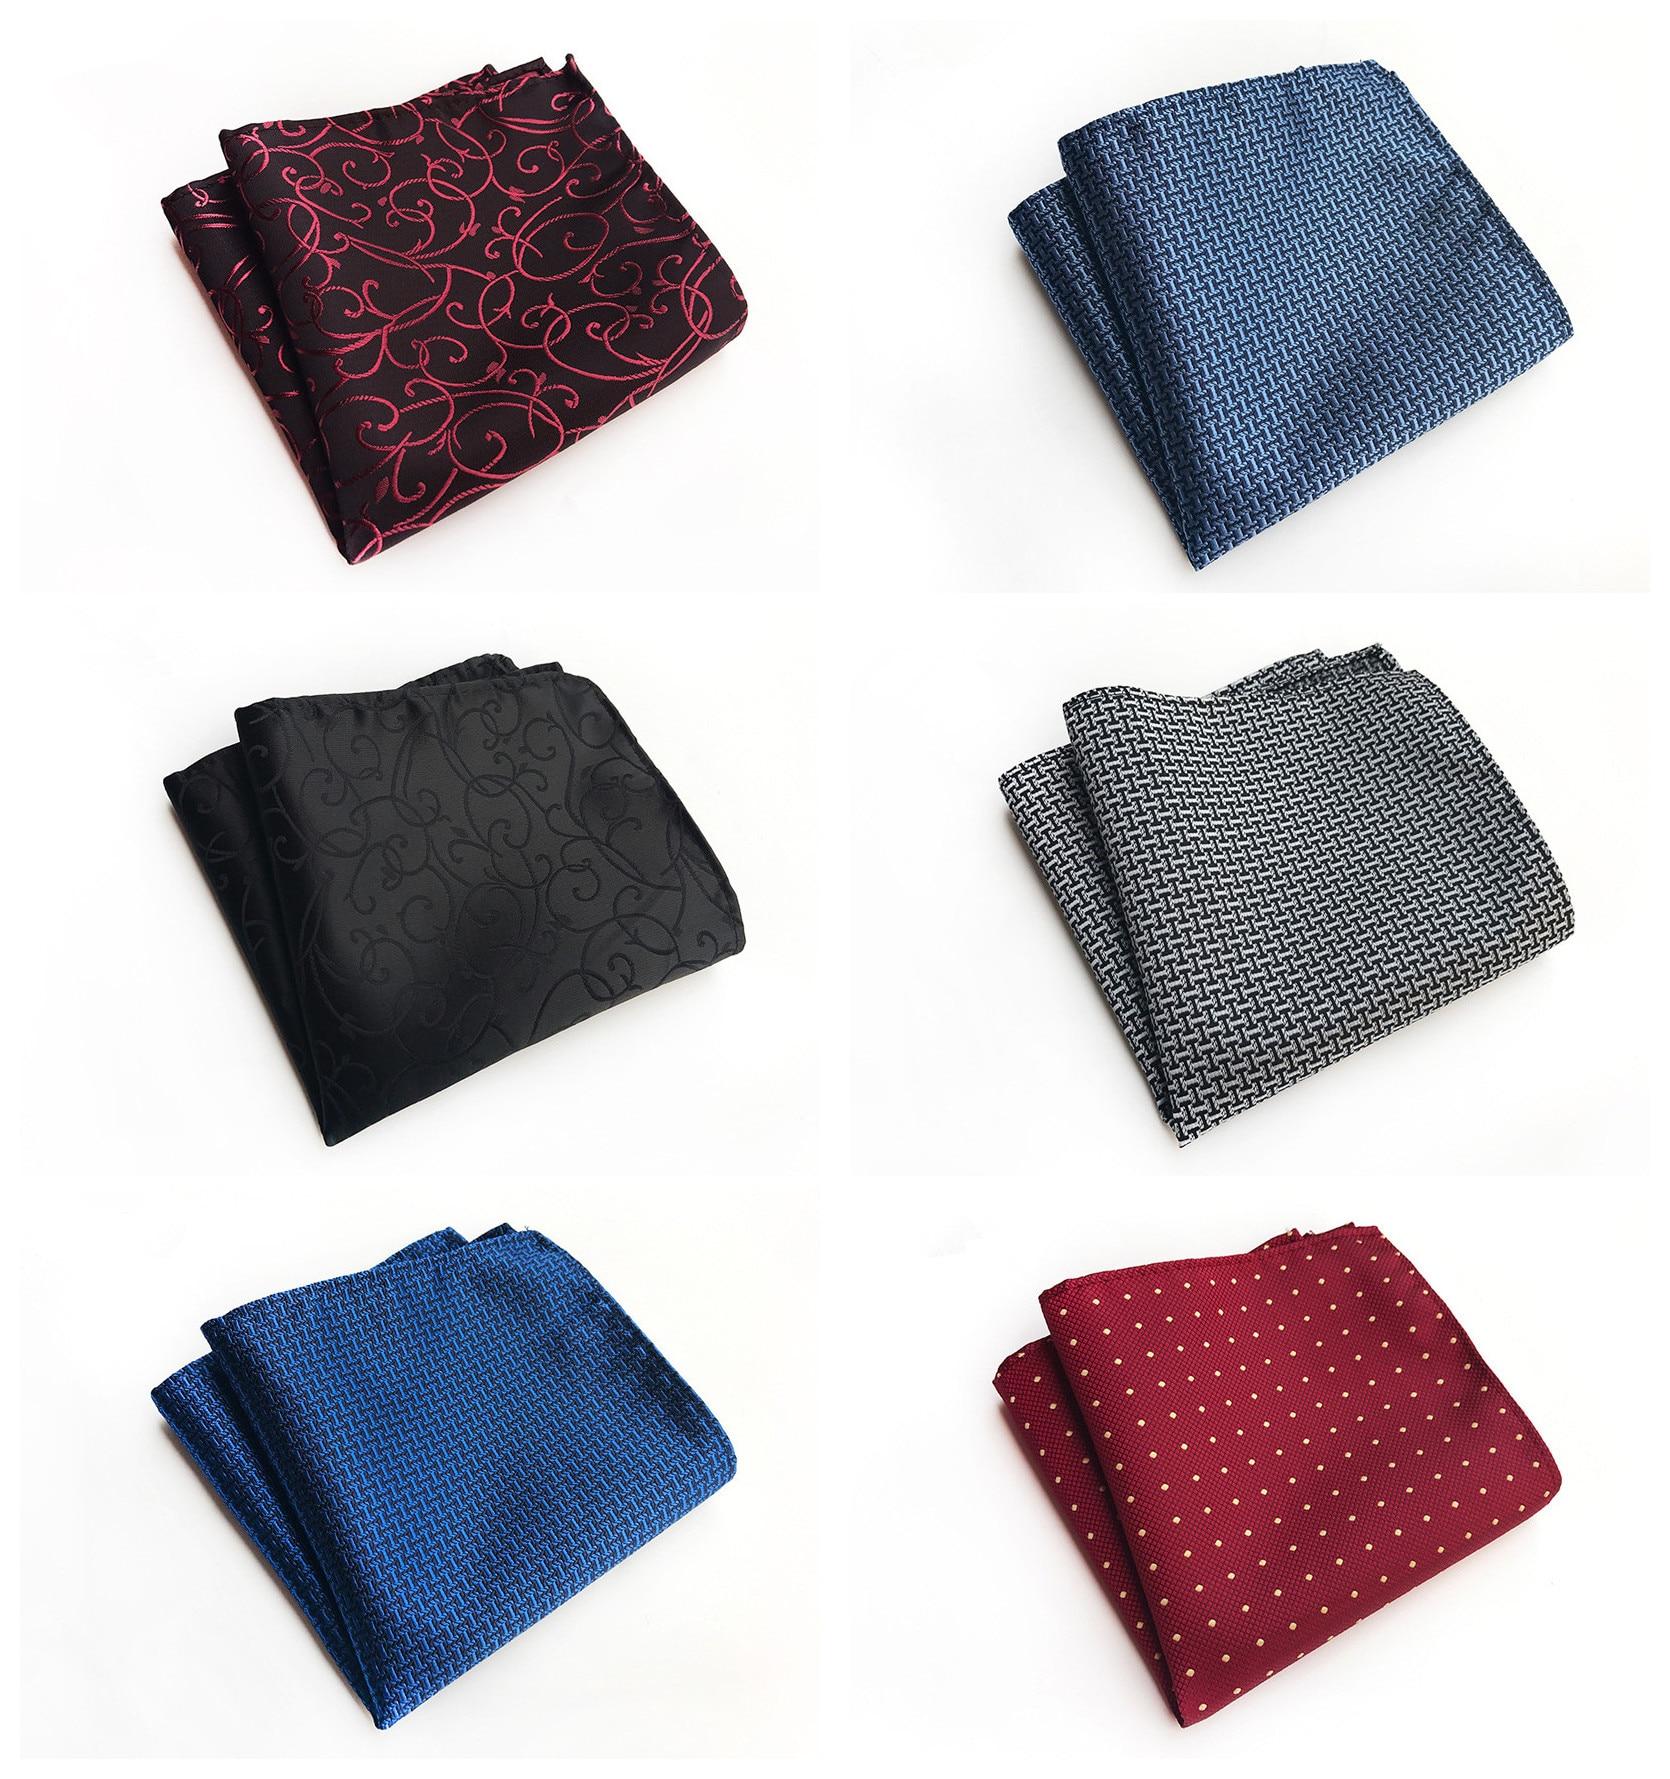 2020 Fashion Explosion Men's Business Suit Handkerchief Towel Fashion Unique Design Polyester Material Dress Pocket Towel